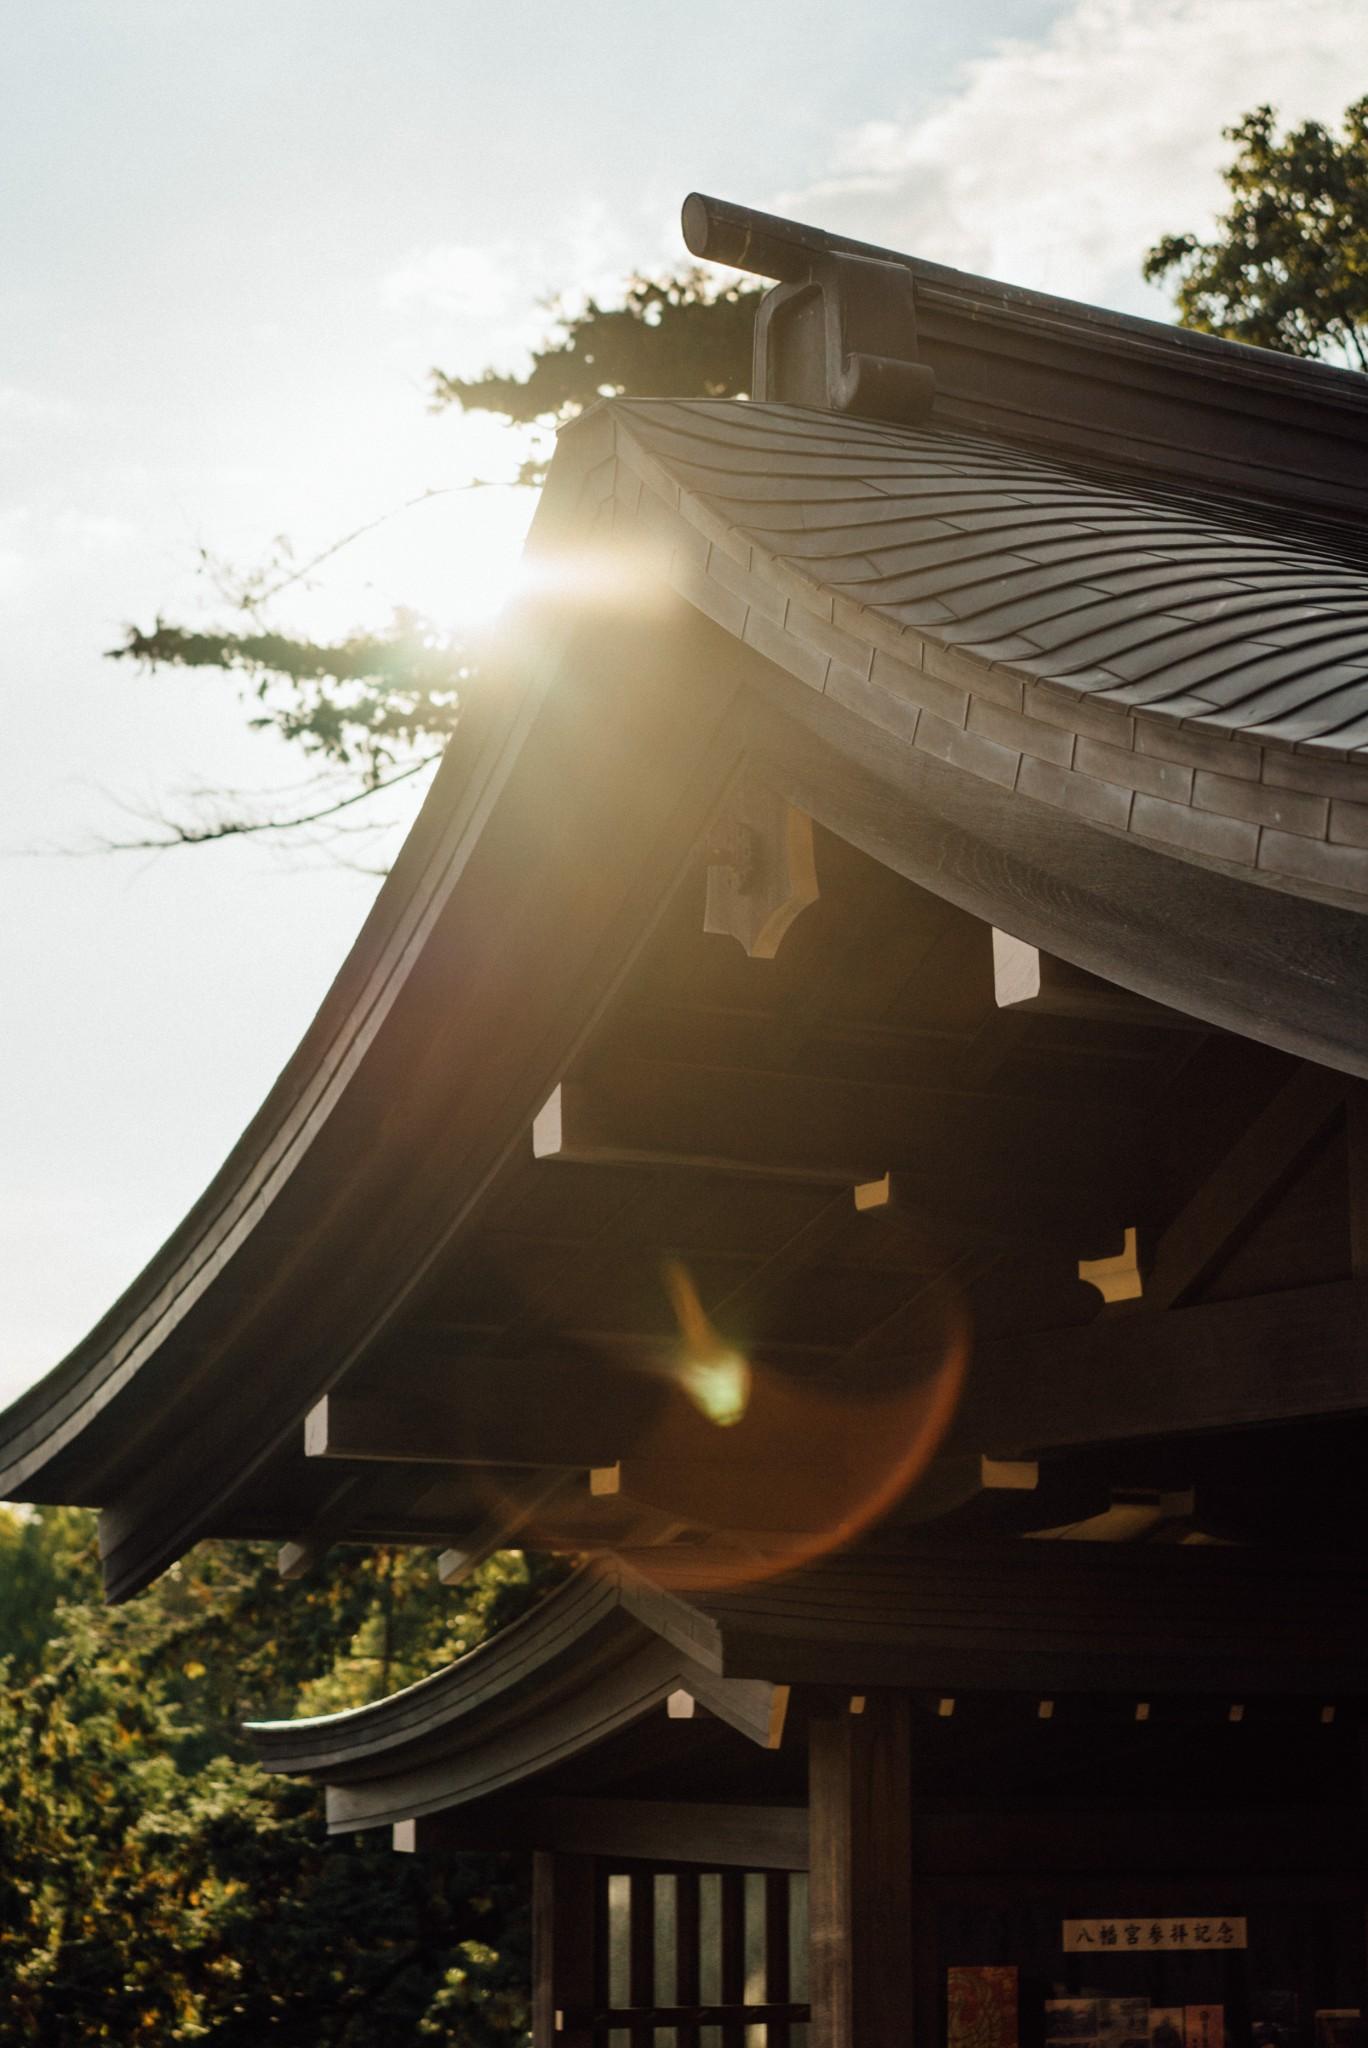 Tsurugaoka Hachimangu: Birthplace of the Samurai Regime